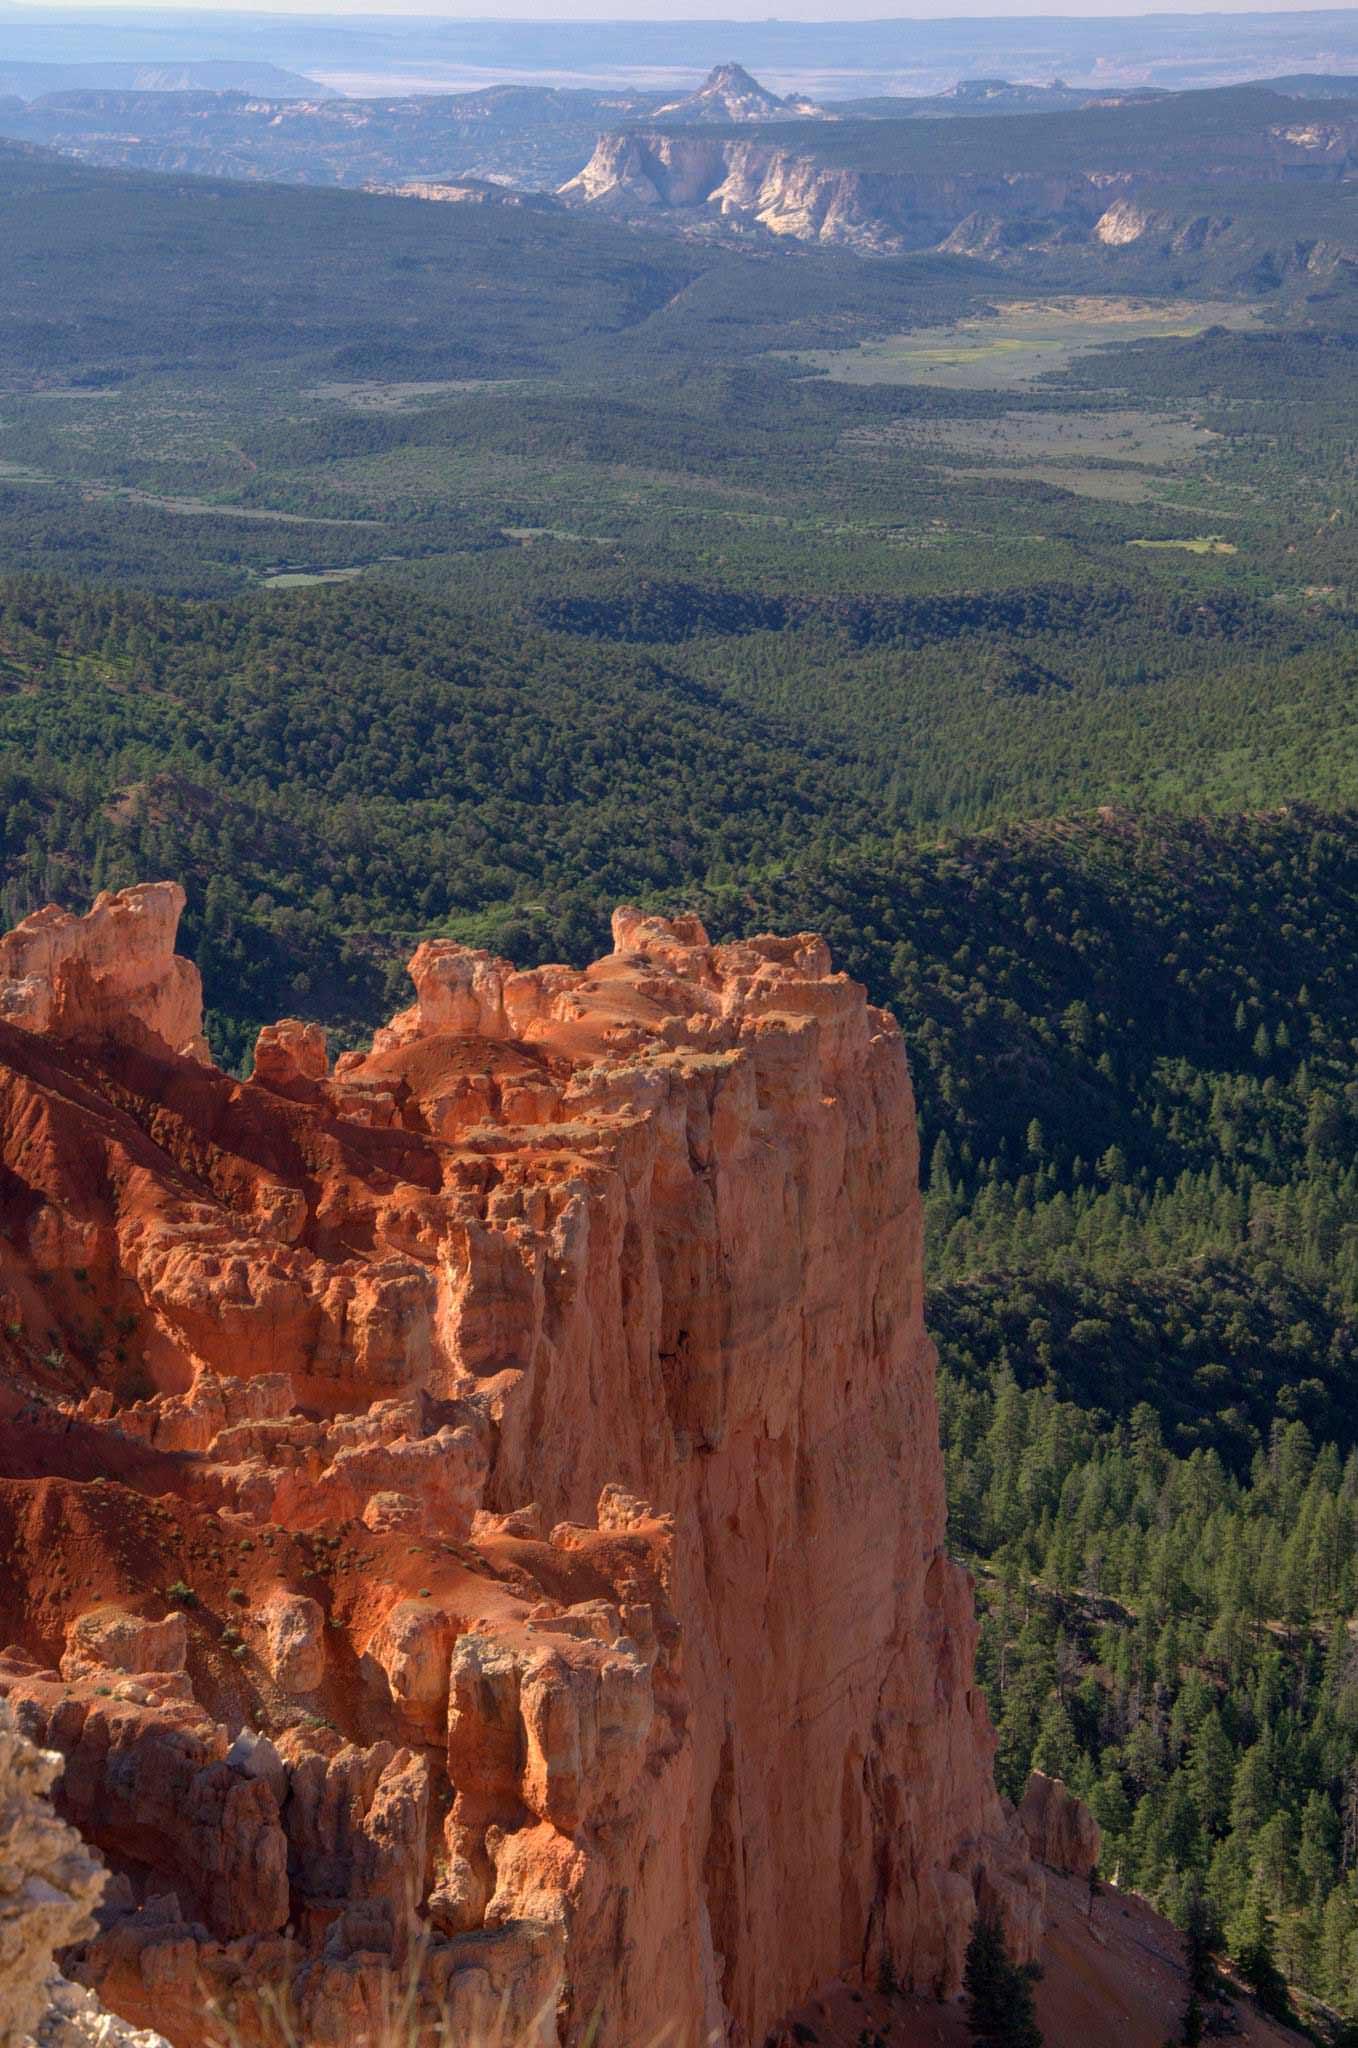 Bryce canyon overlook image